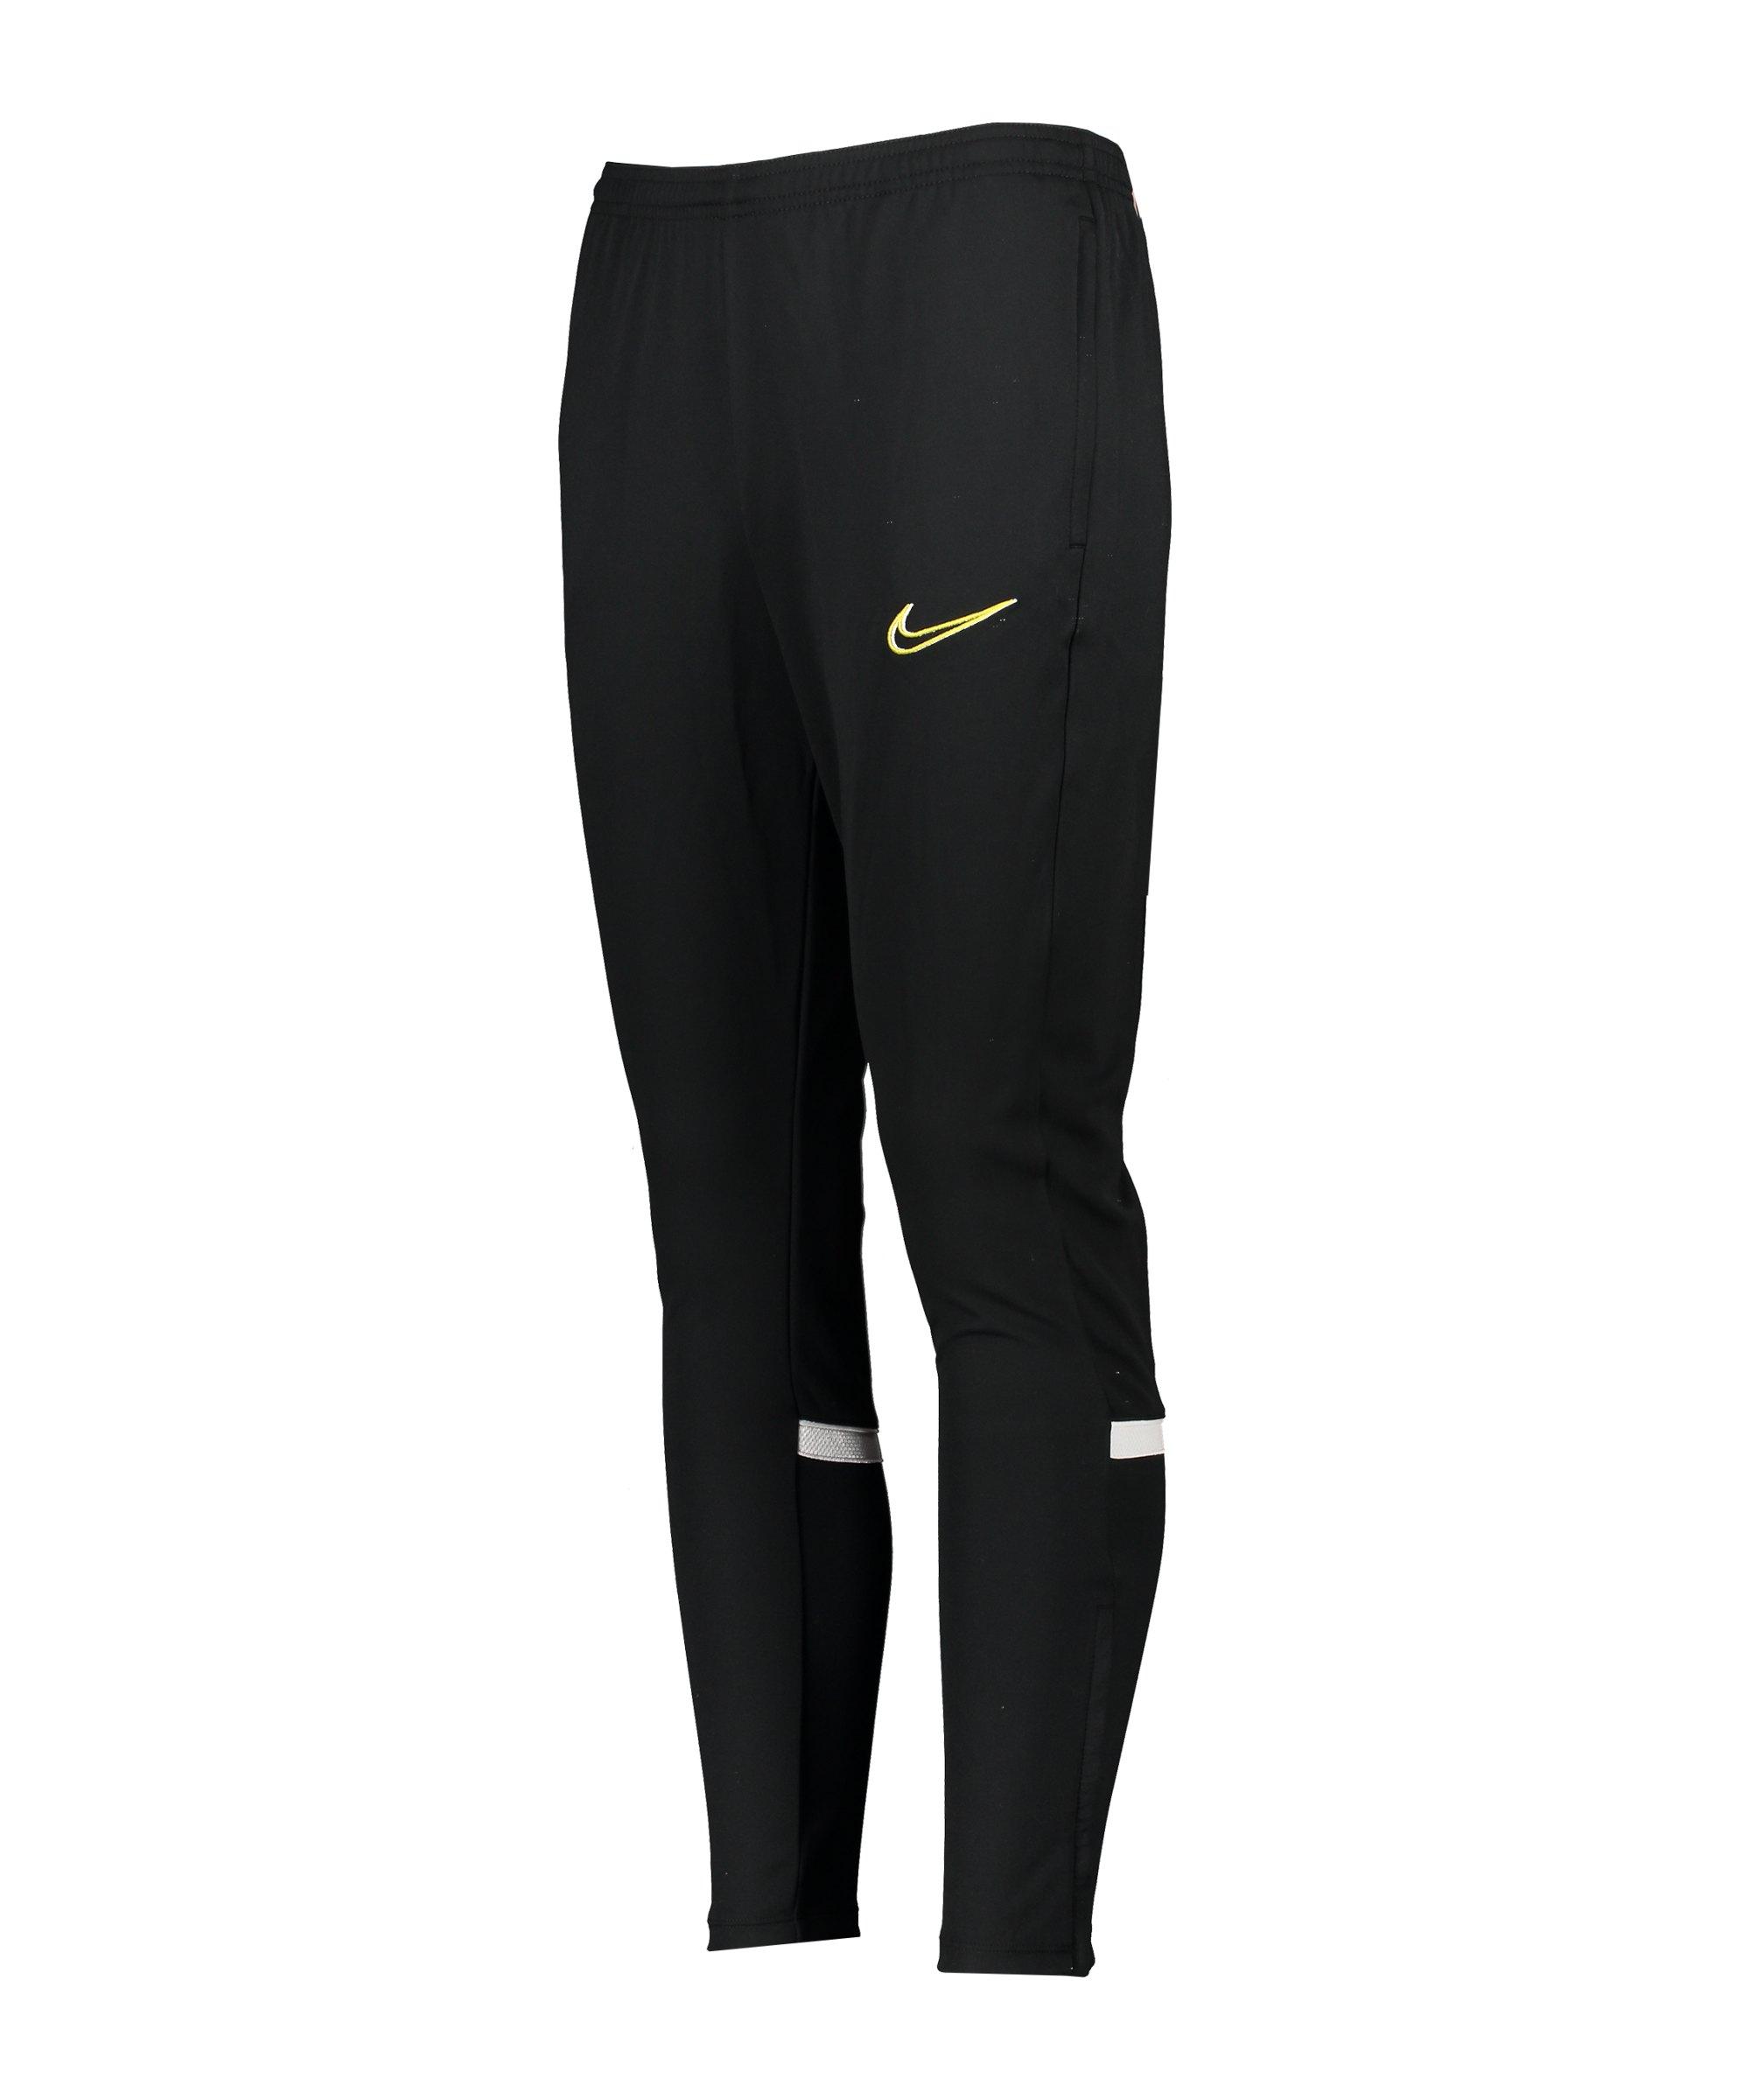 Nike Academy 21 Trainingshose Damen Schwarz F013 - schwarz